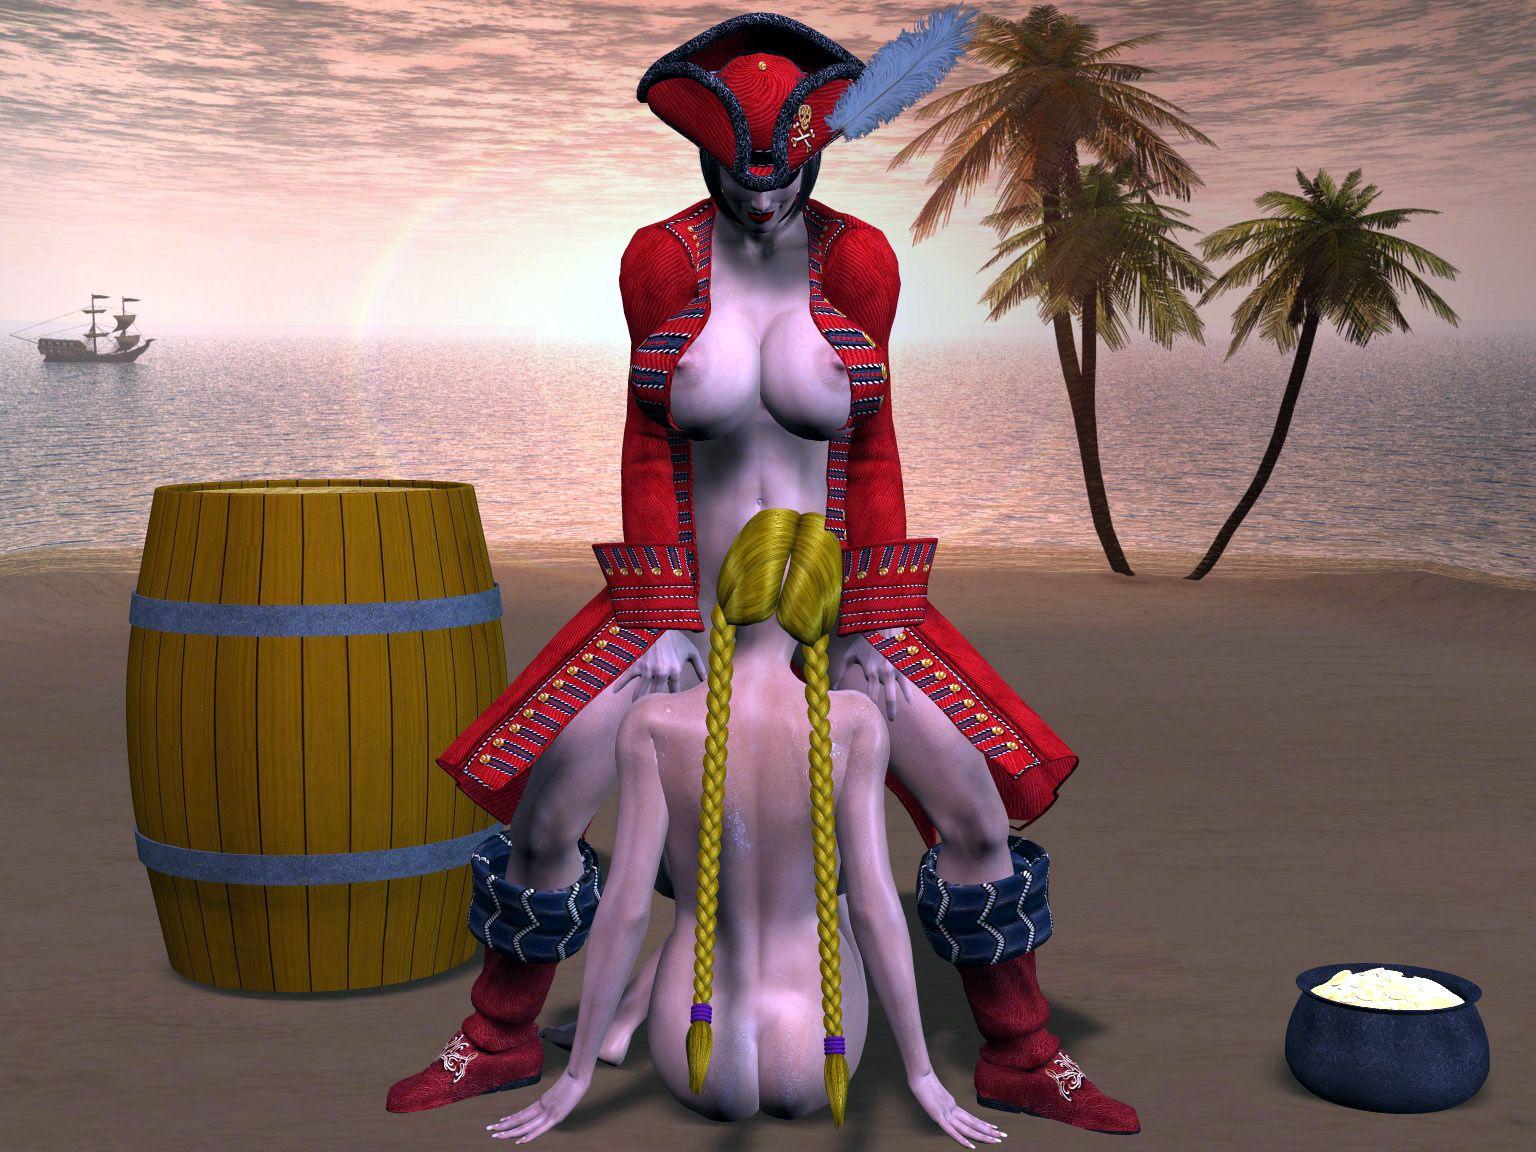 Pirates sex gallaries nude movies